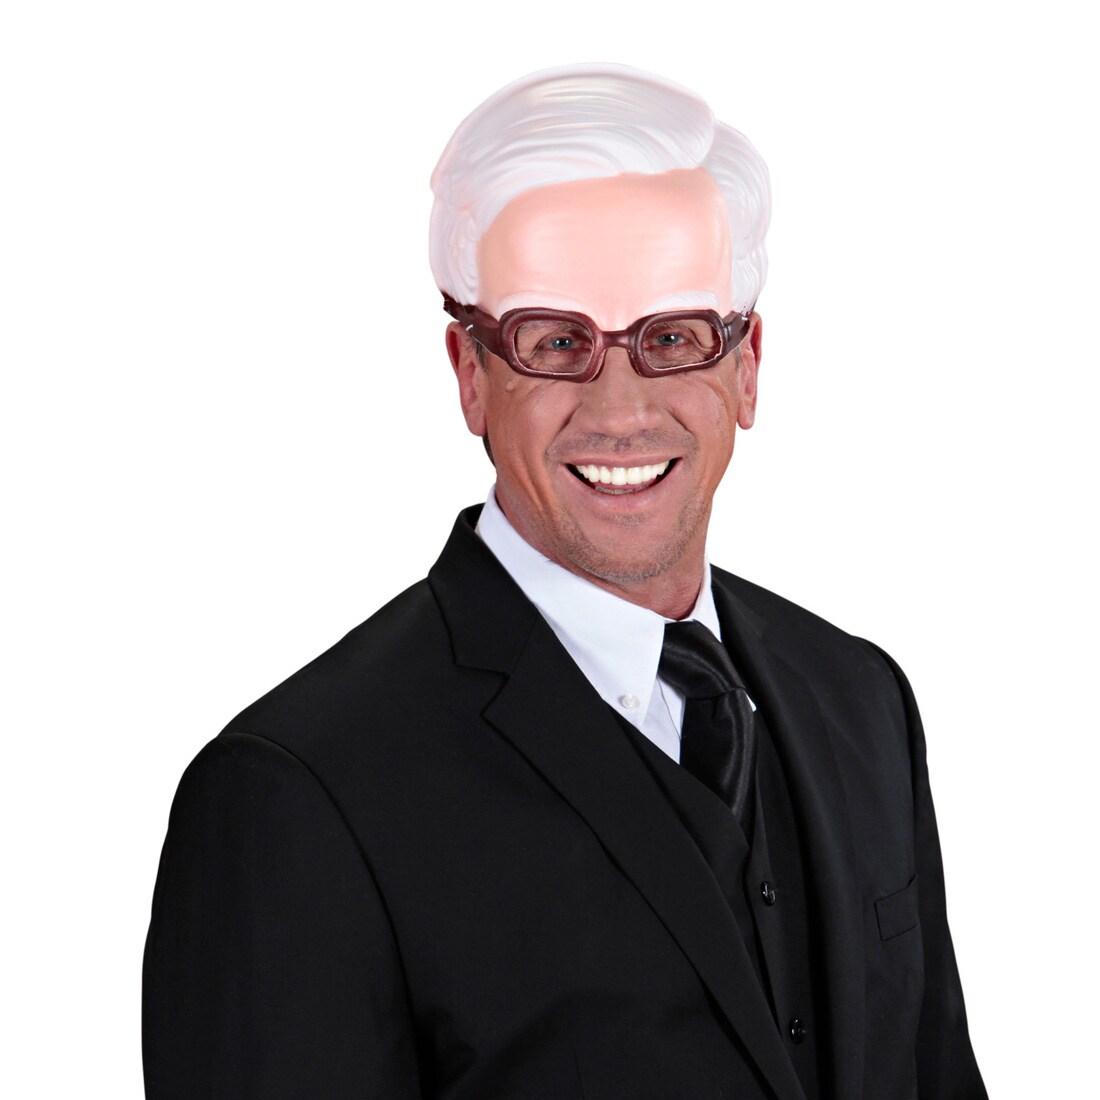 Kinnlose Maske Opa mit Brille Alter Mann Halbmaske Greis